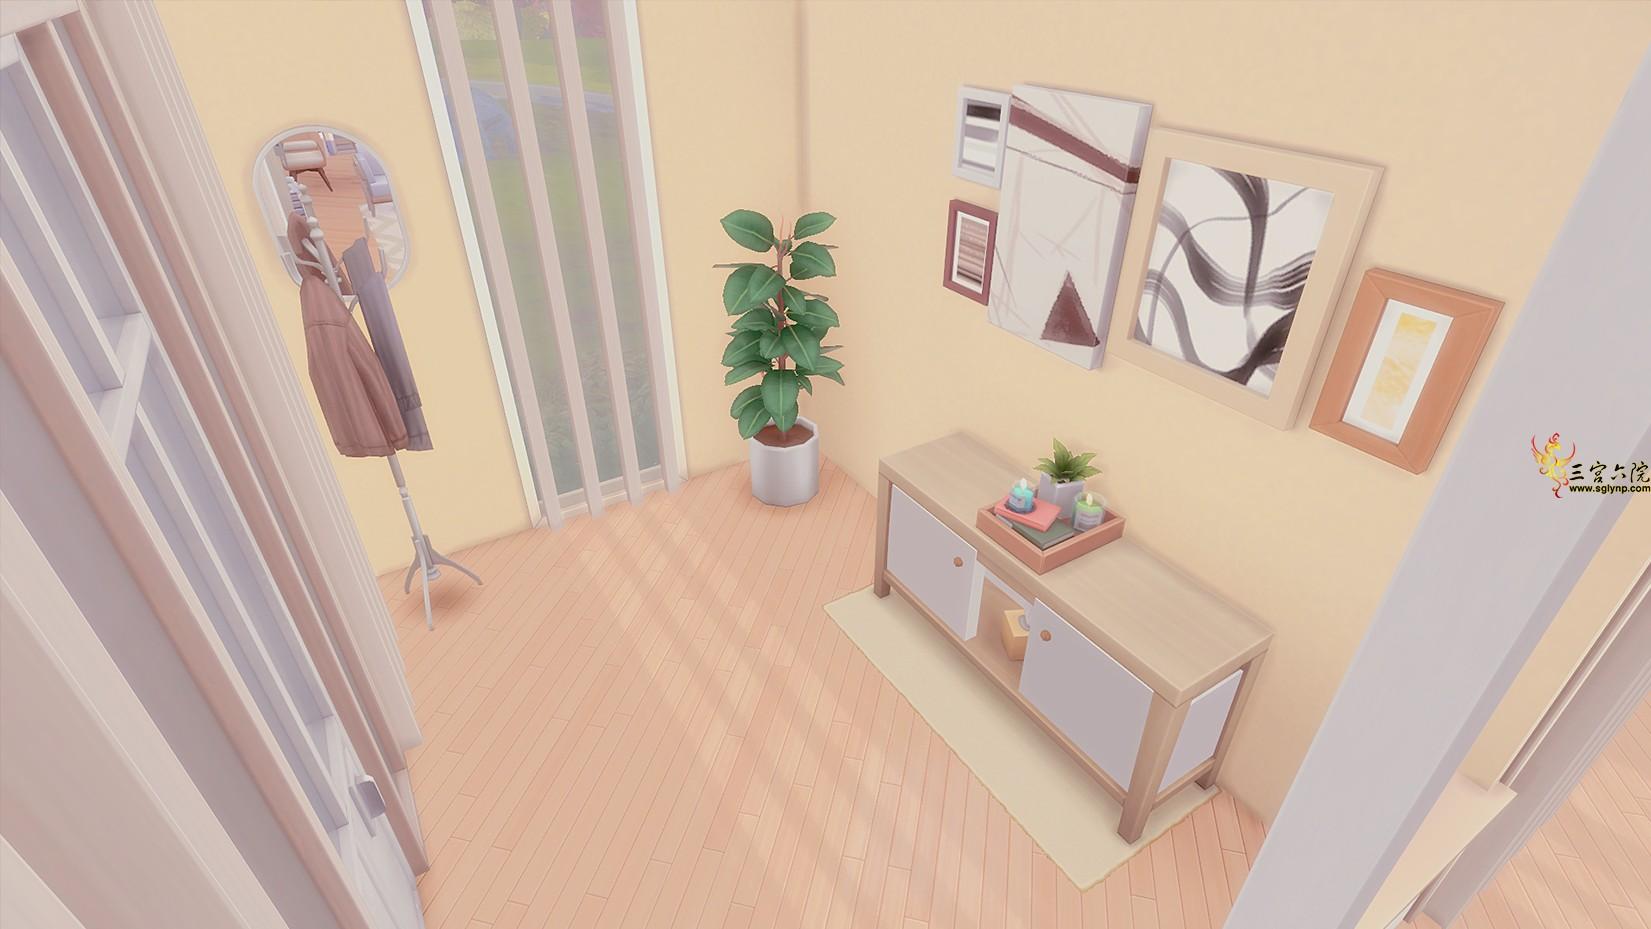 Sims 4 Screenshot 2021.02.14 - 14.07.56.05.png